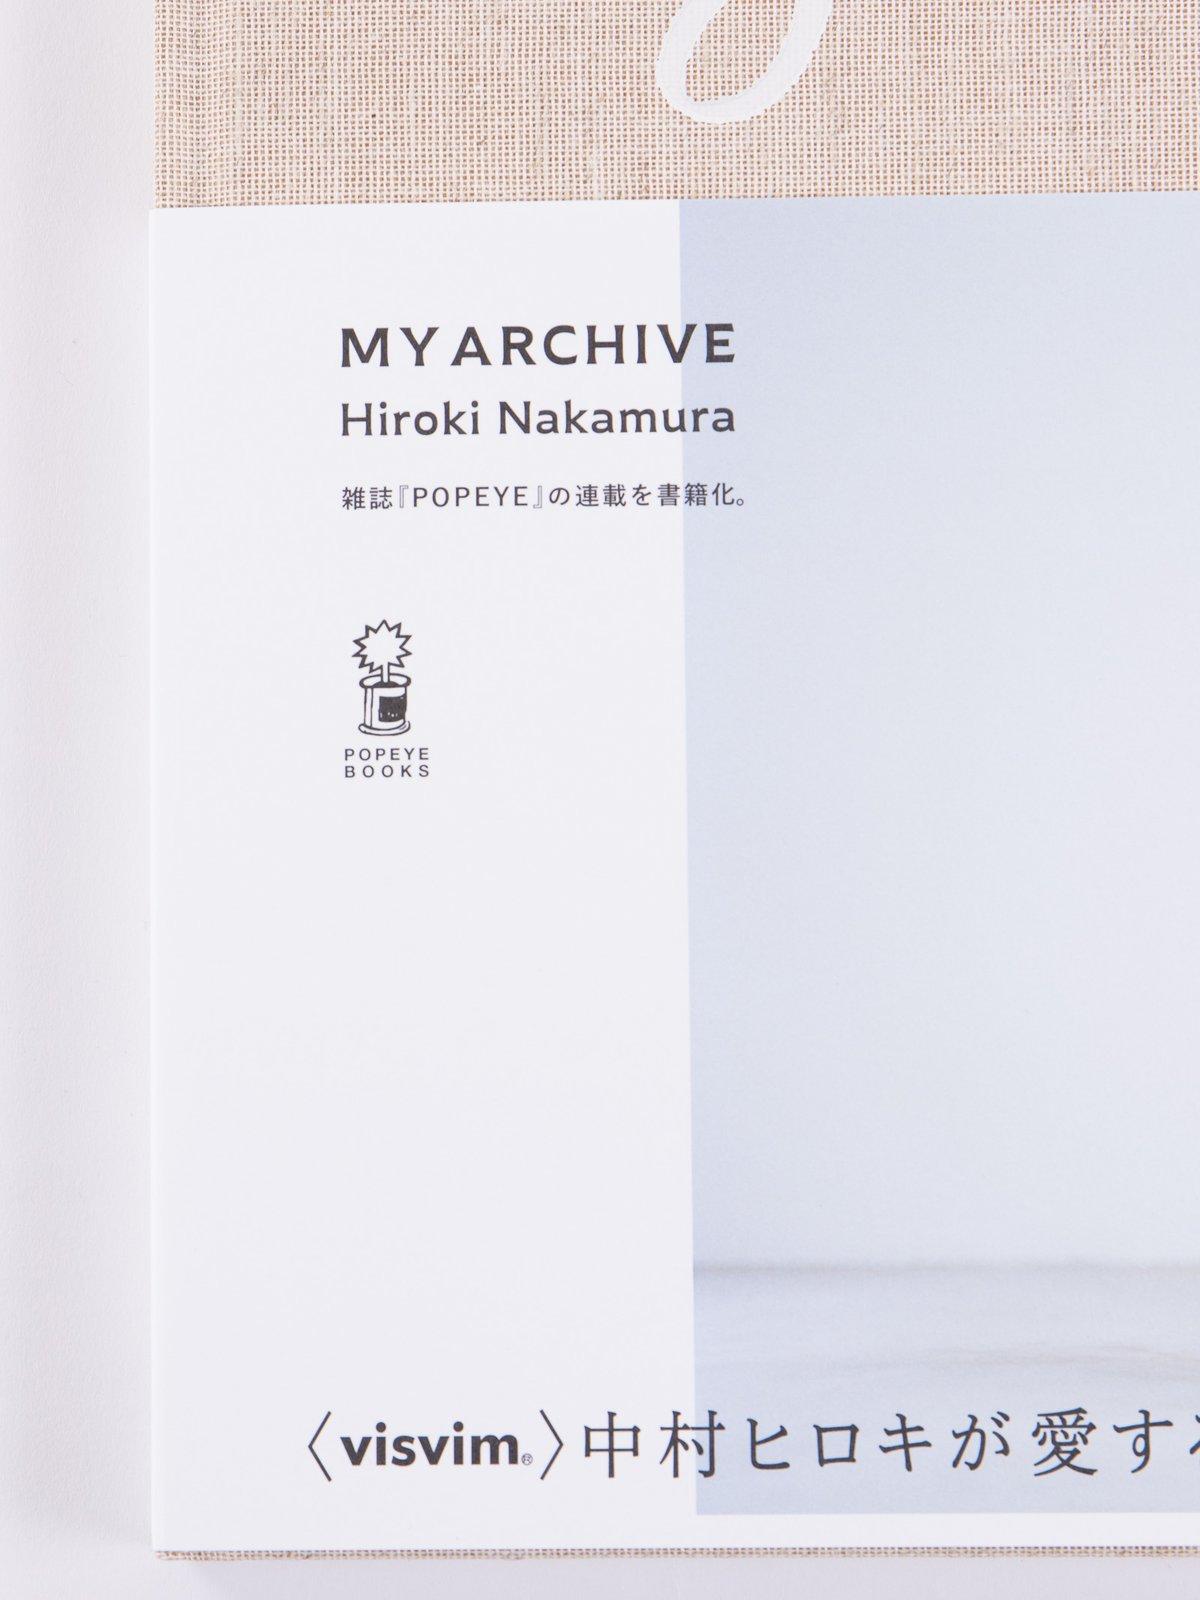 My Archive – Hiroki Nakamura - Image 2